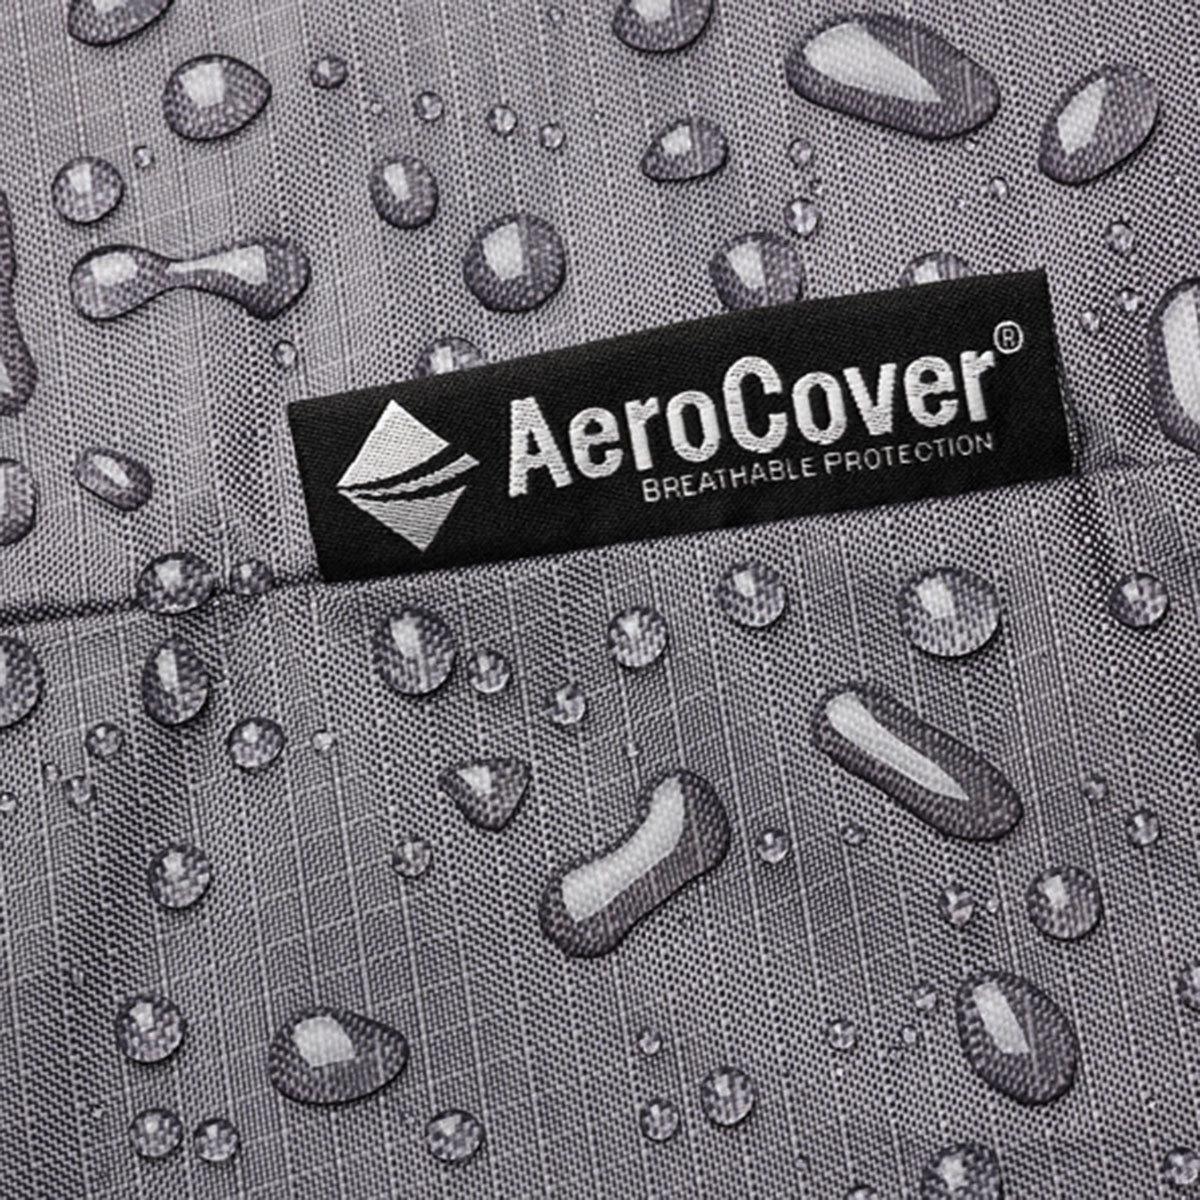 Schutzhülle AeroCover für Stockschirme bis Ø 4 m   #5